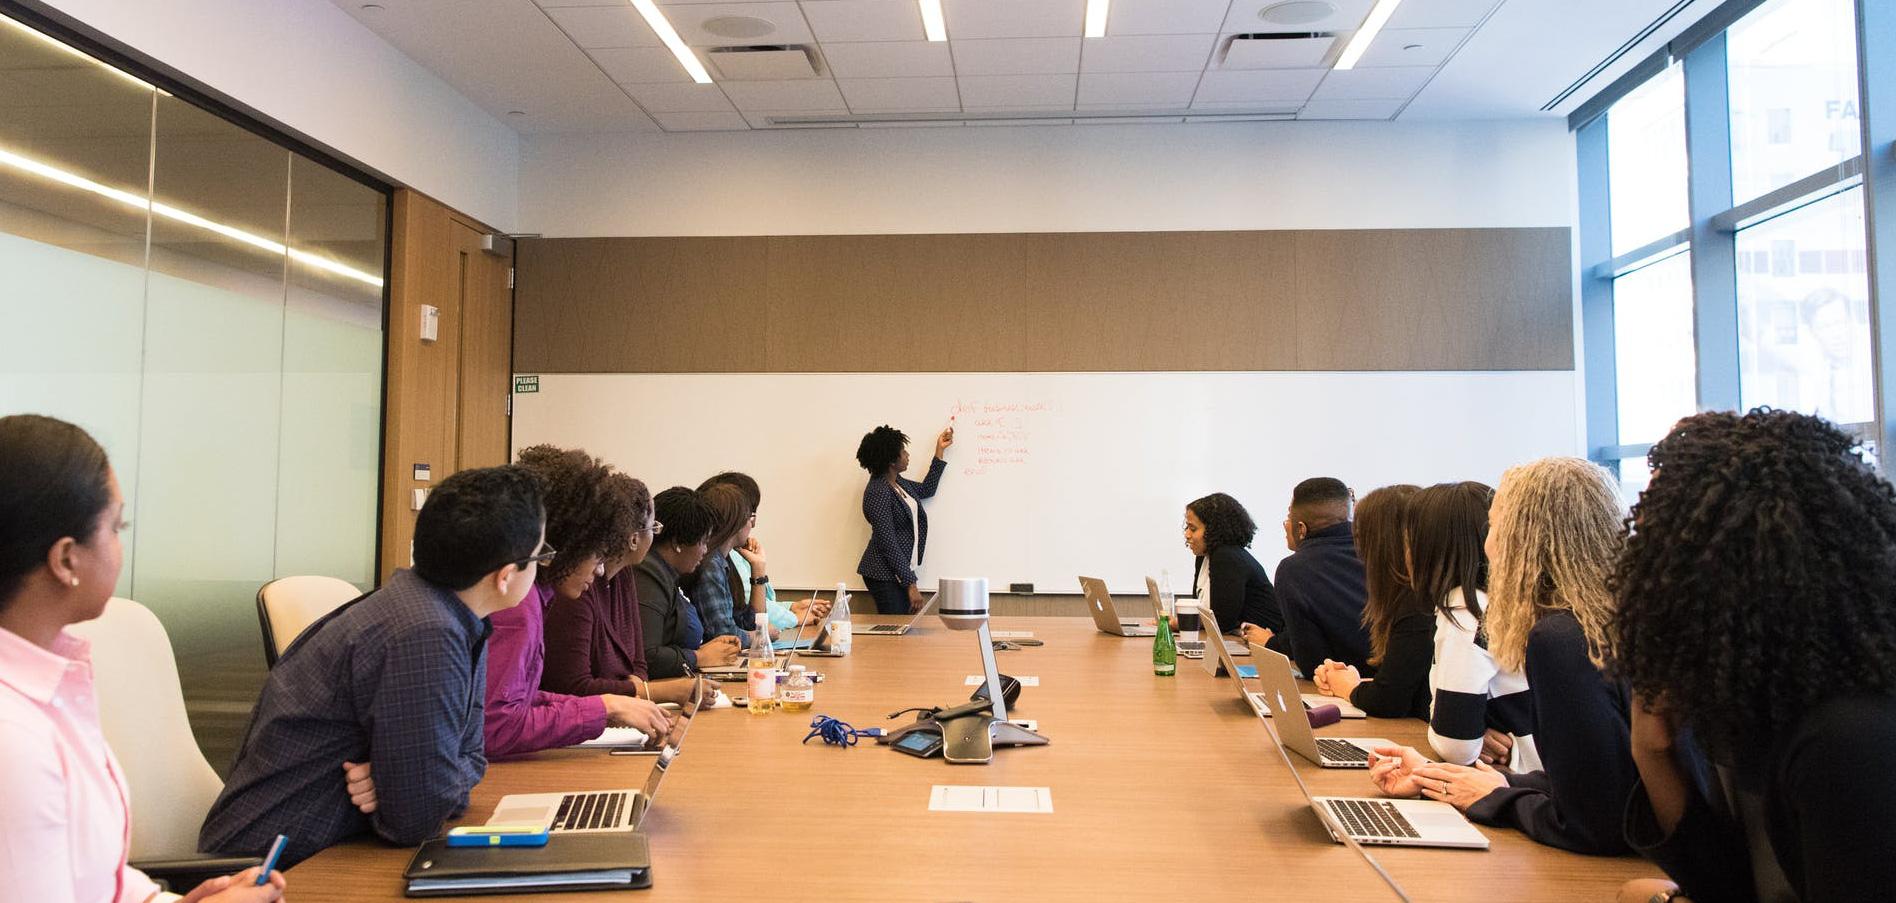 Un groupe d'individus diversifiés participant à une réunion